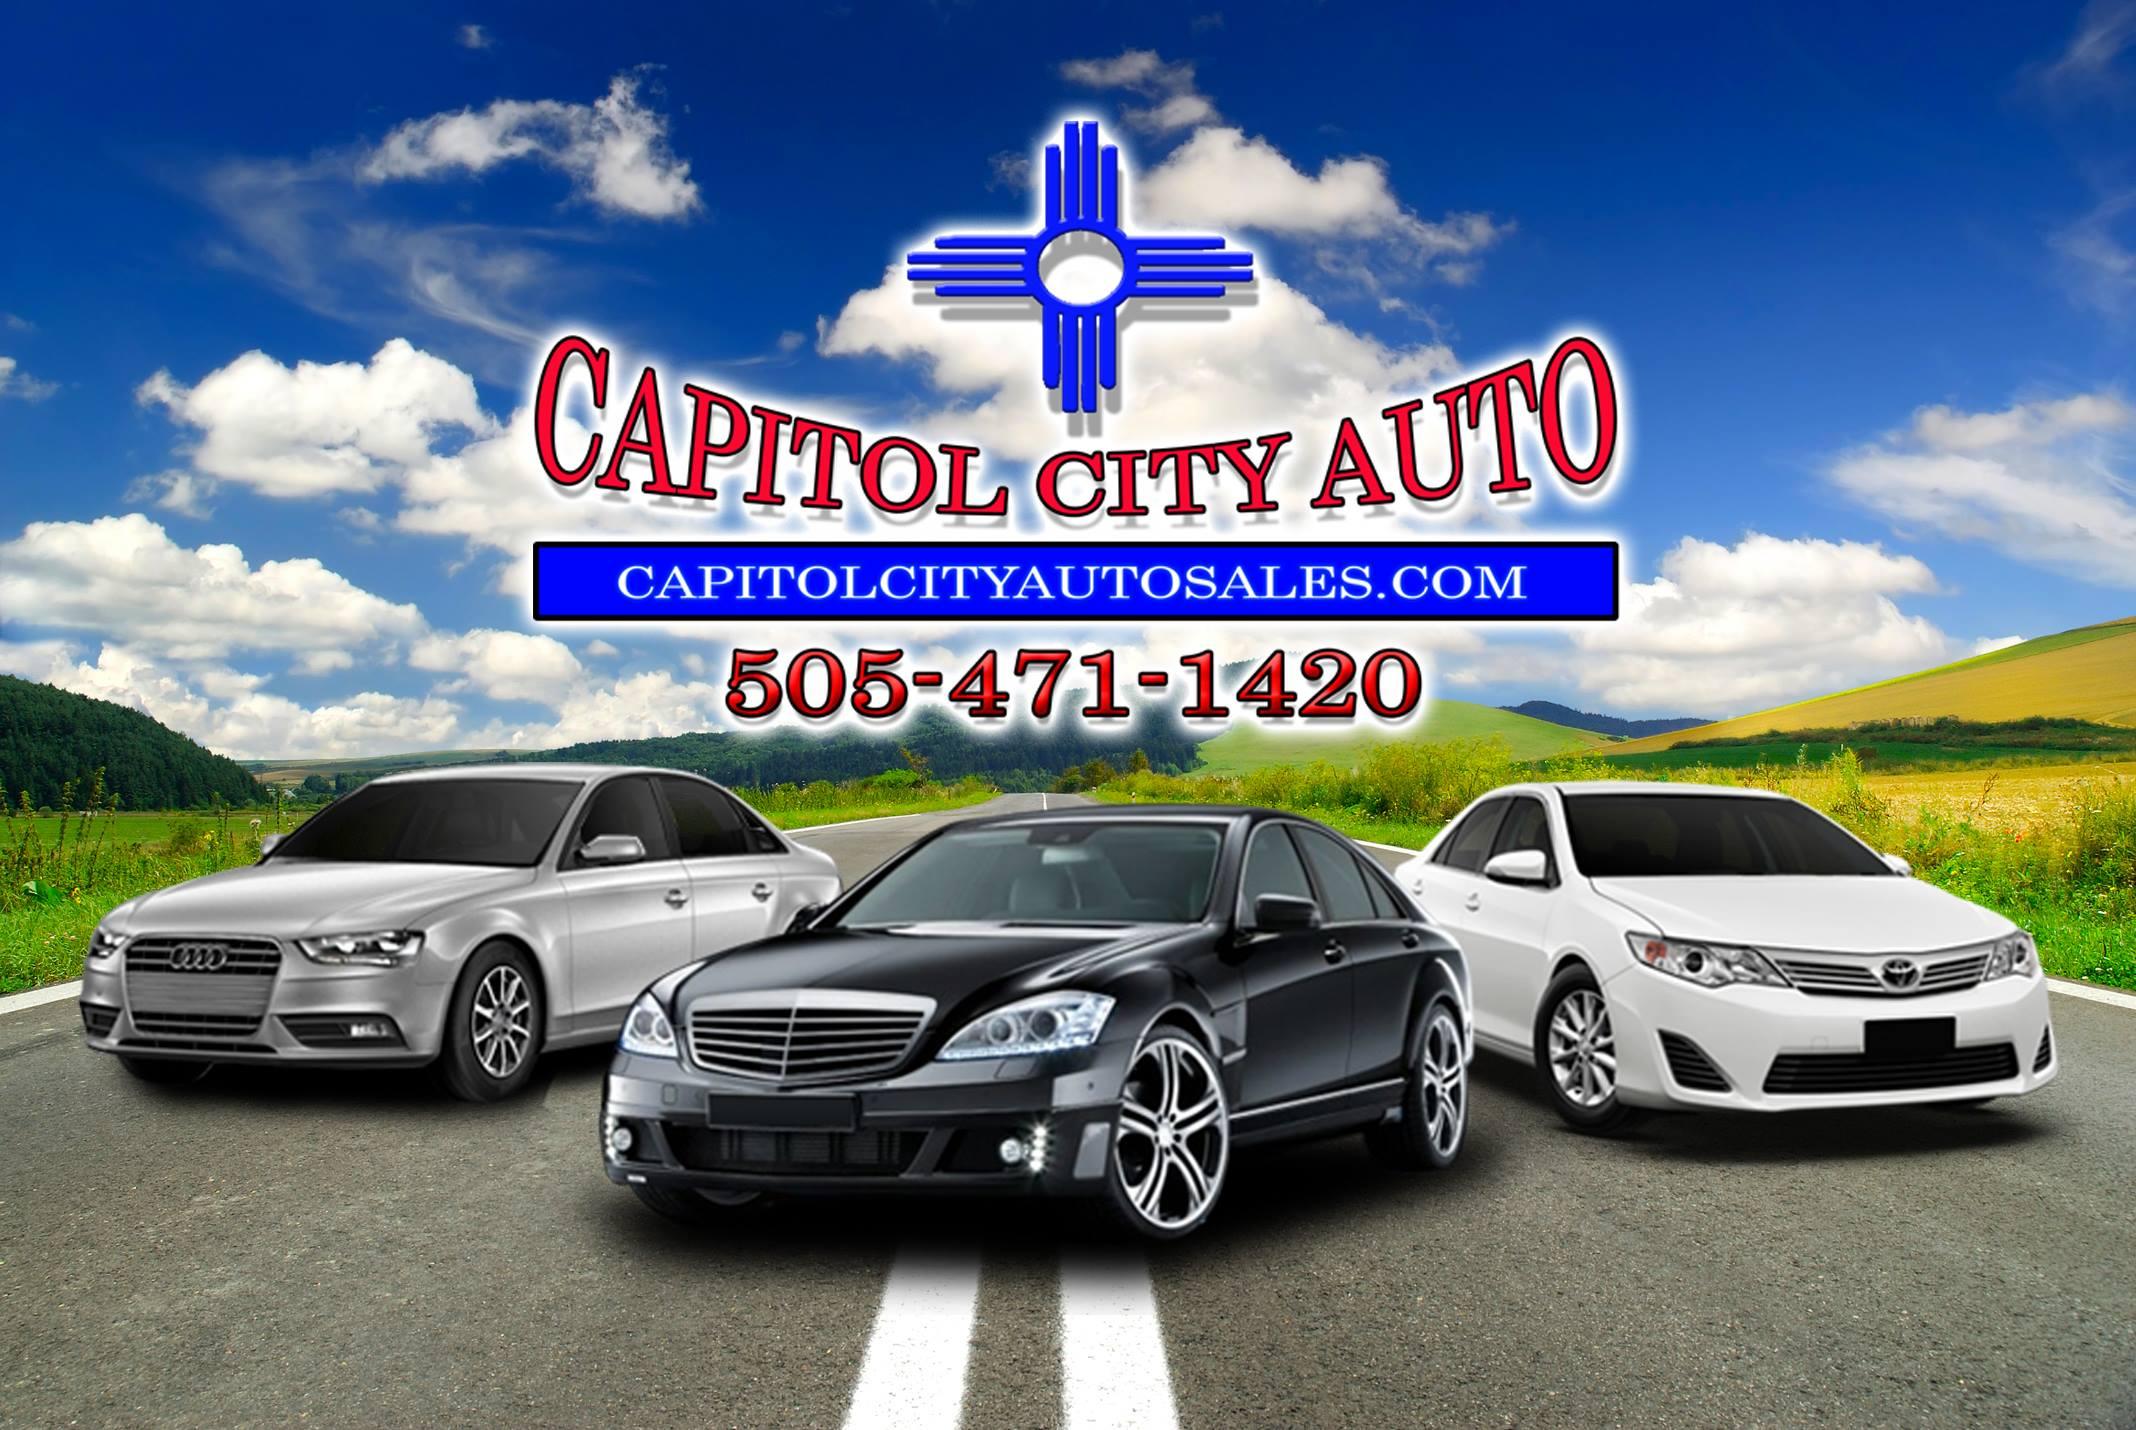 Capitol City Auto - Santa Fe, NM